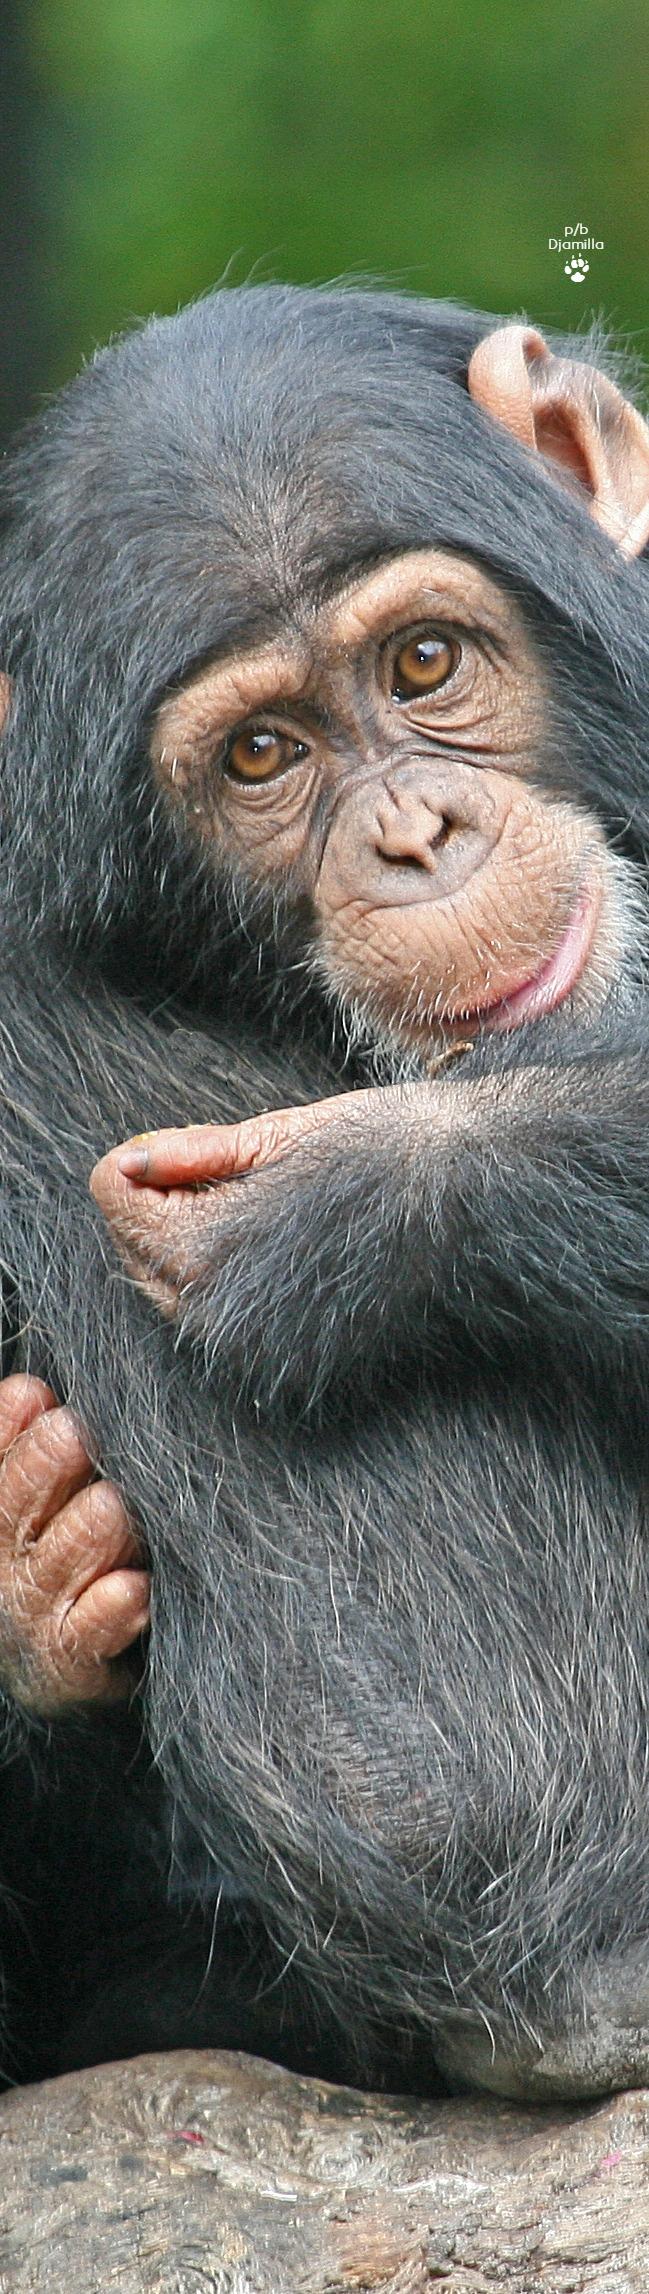 Baby Chimpanzee | Monkeys funny, Animals beautiful